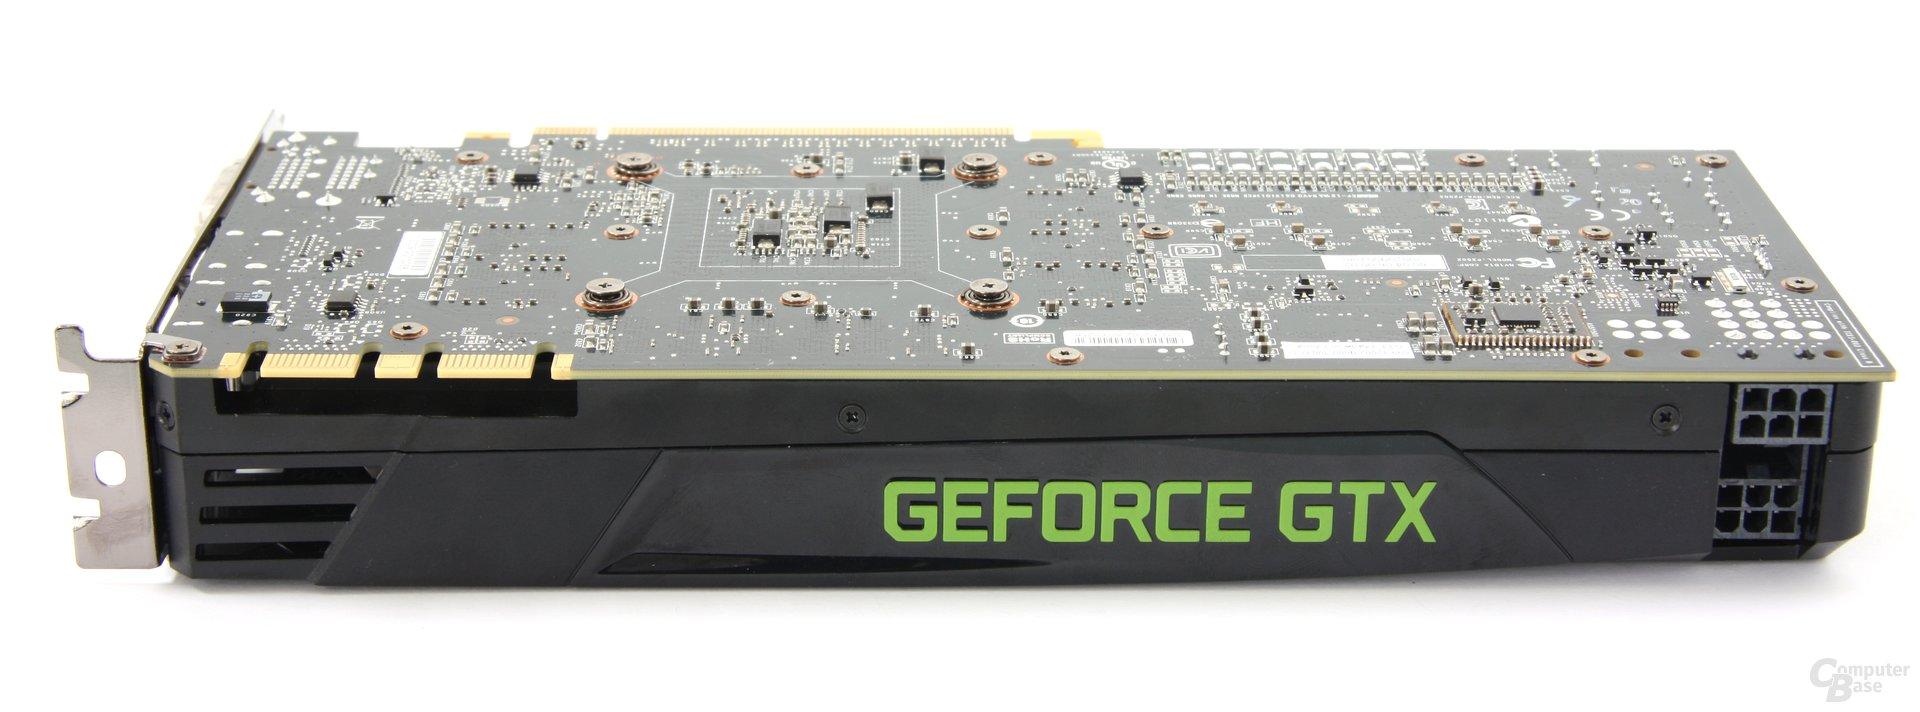 GeForce GTX 680 Seitenansicht